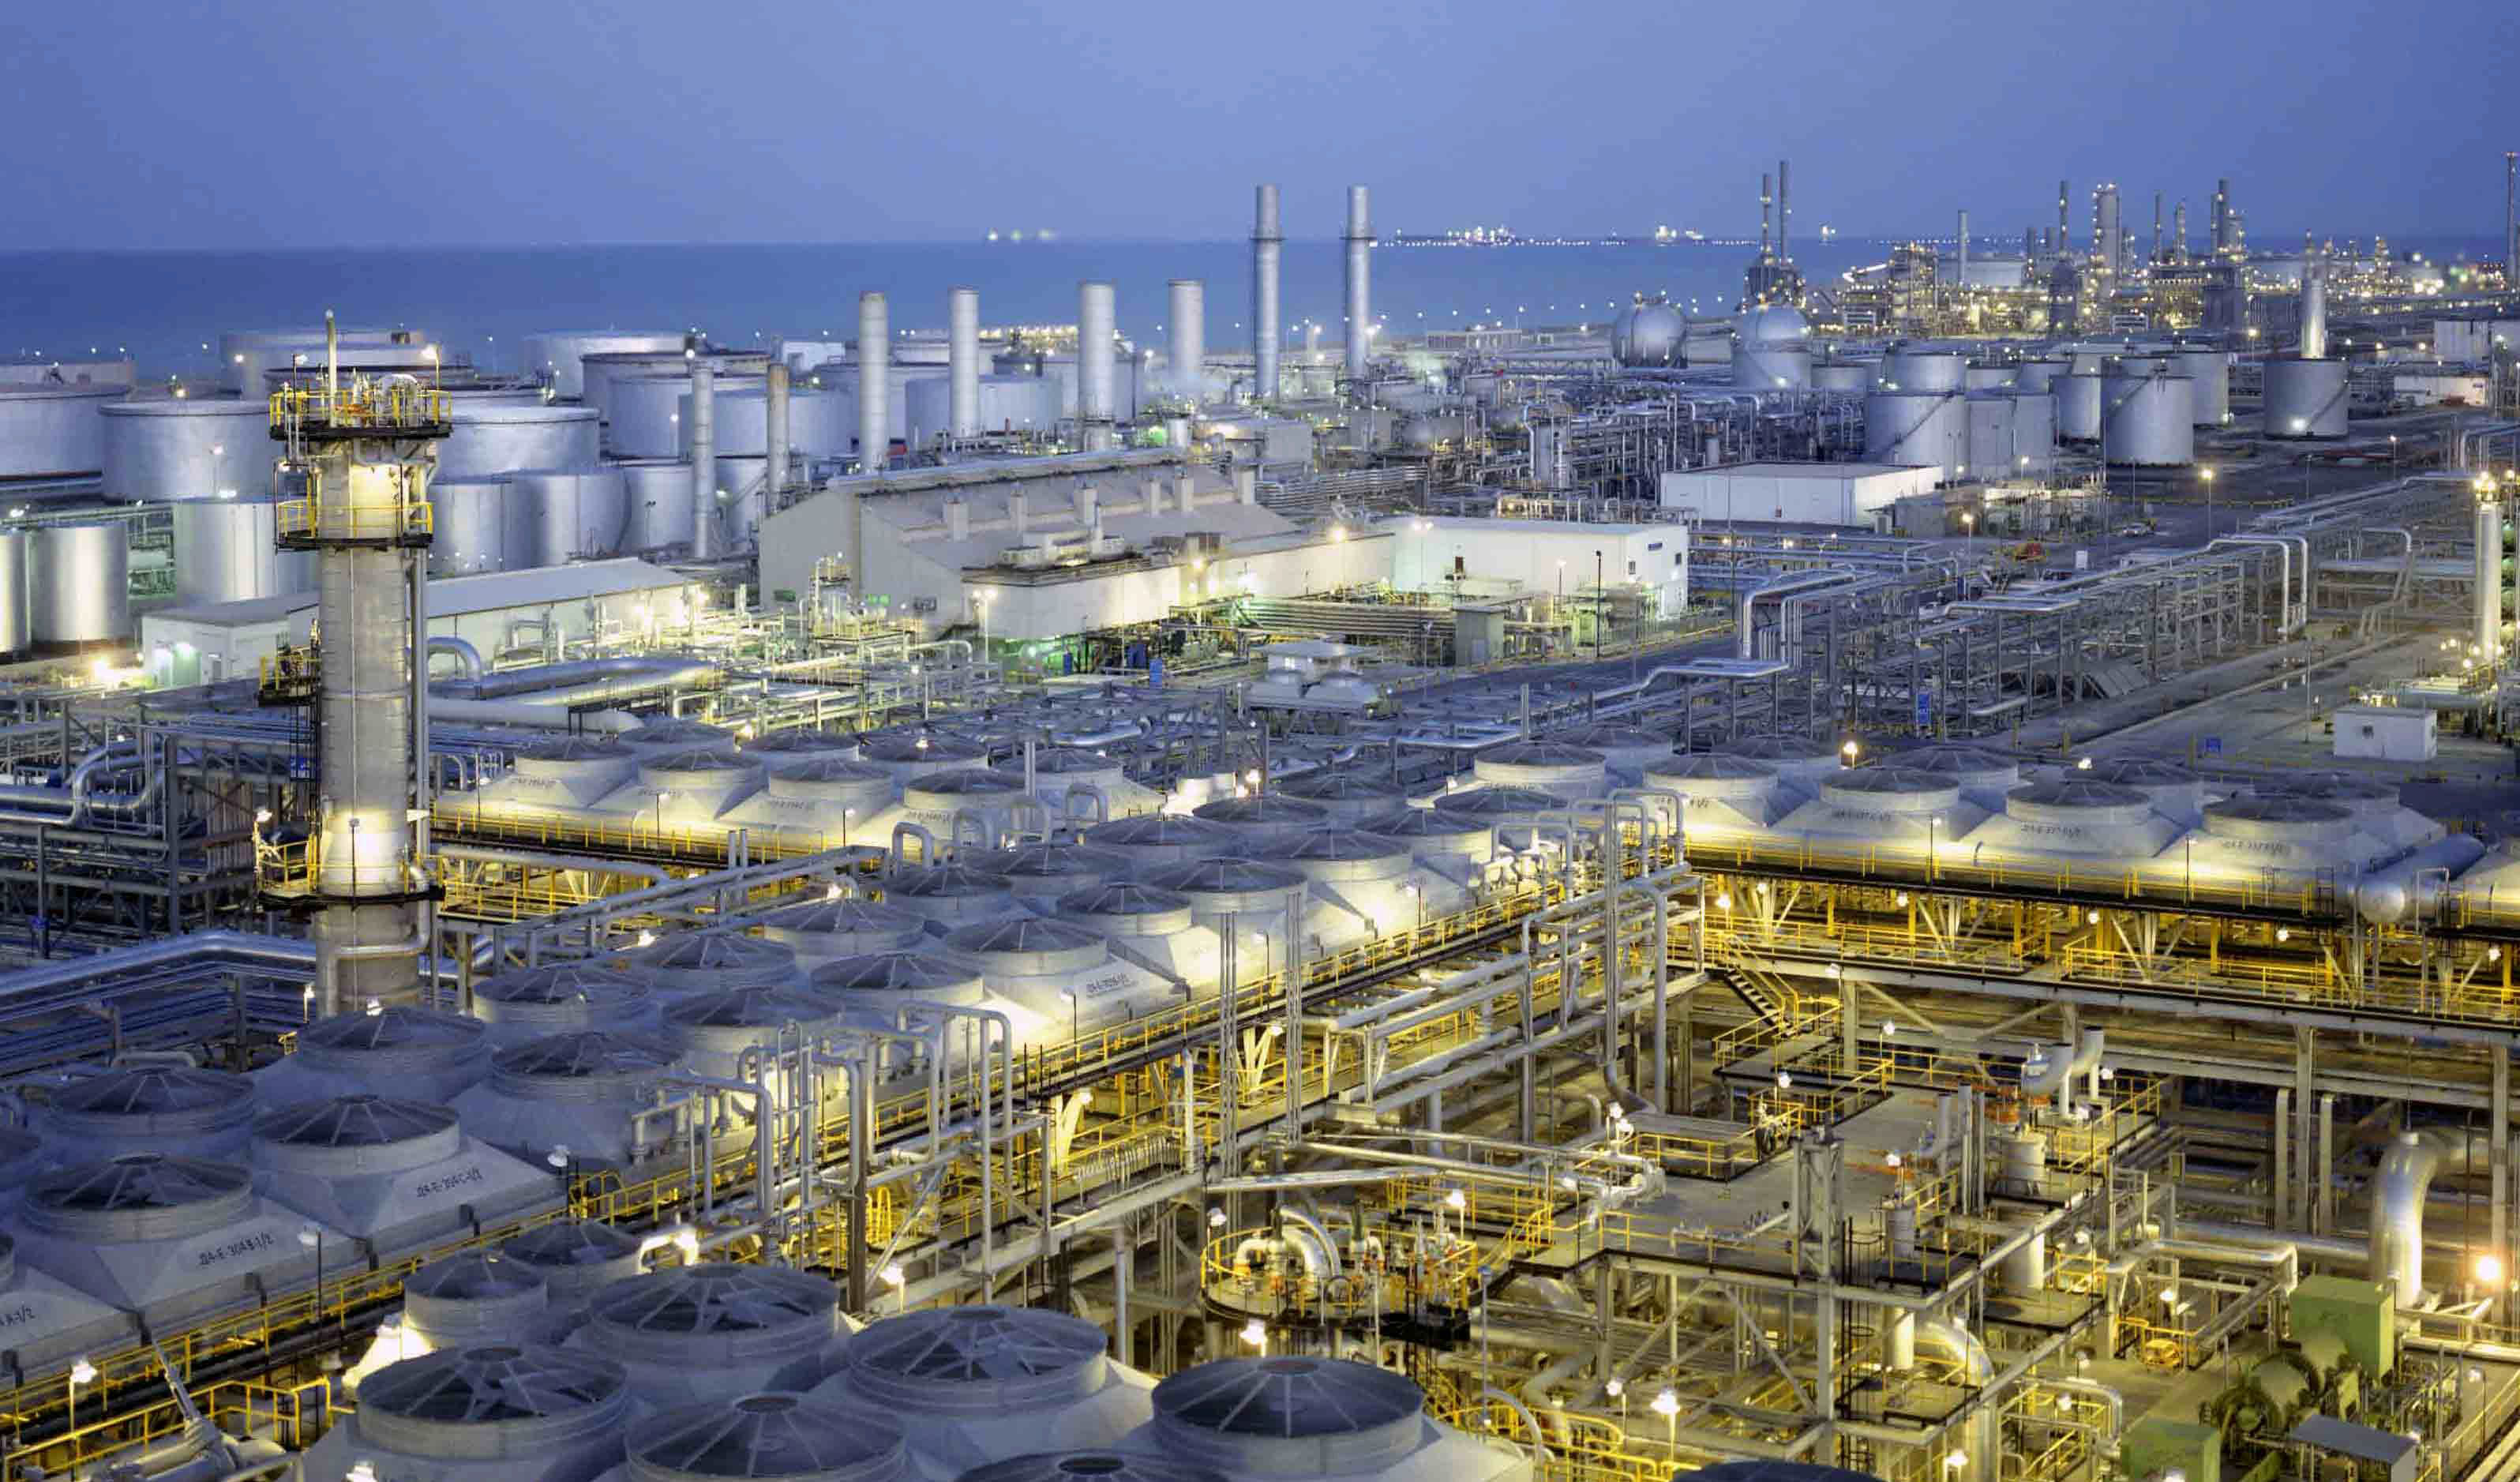 تلاش مدیرعامل آرامکو برای متقاعد کردن رئیس صندوق ملی کویت درباره خرید سهام